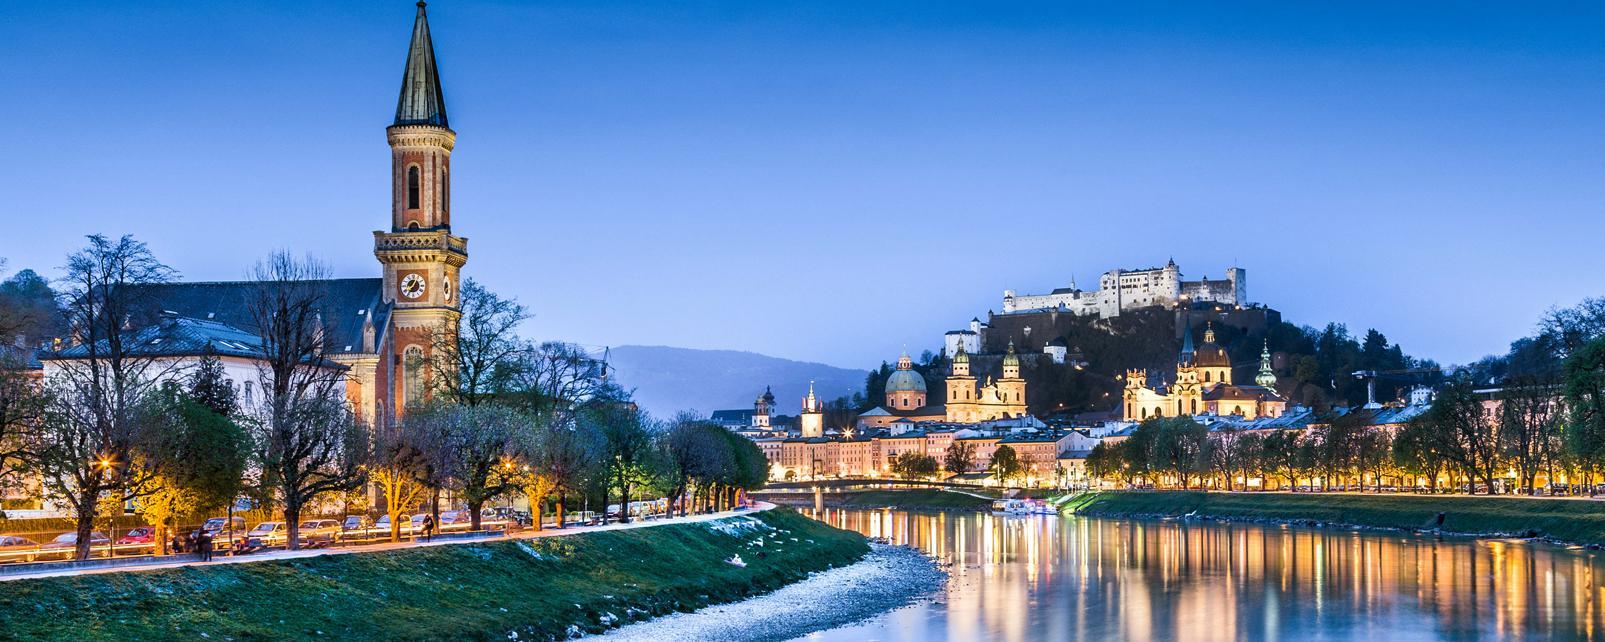 Fare a Austria  migliori attrazioni turistiche